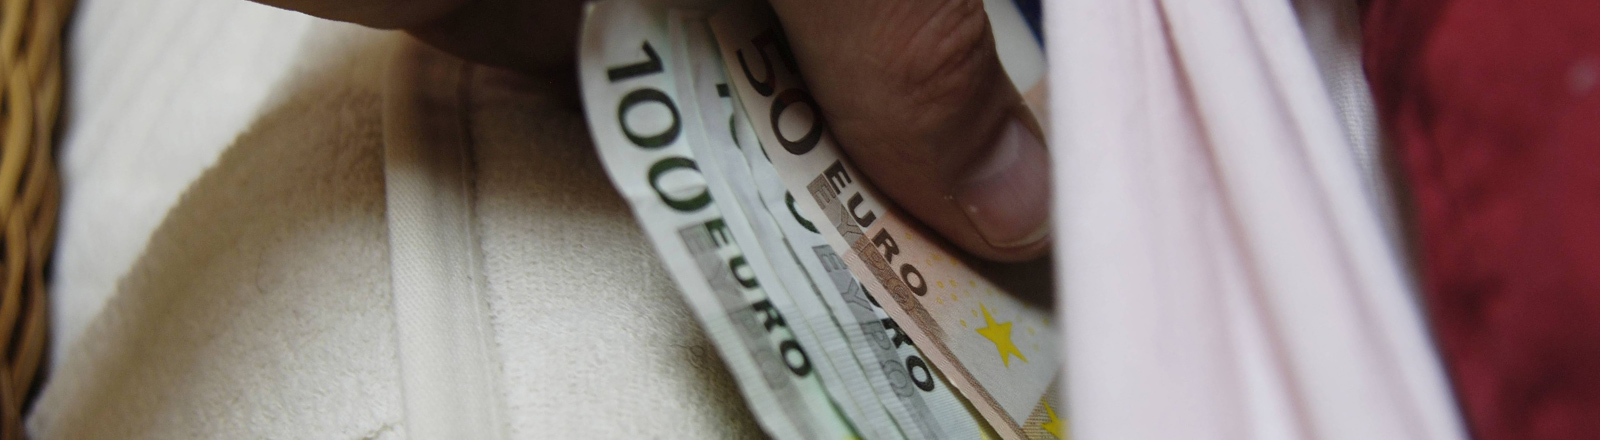 Geld in die Matratze schieben